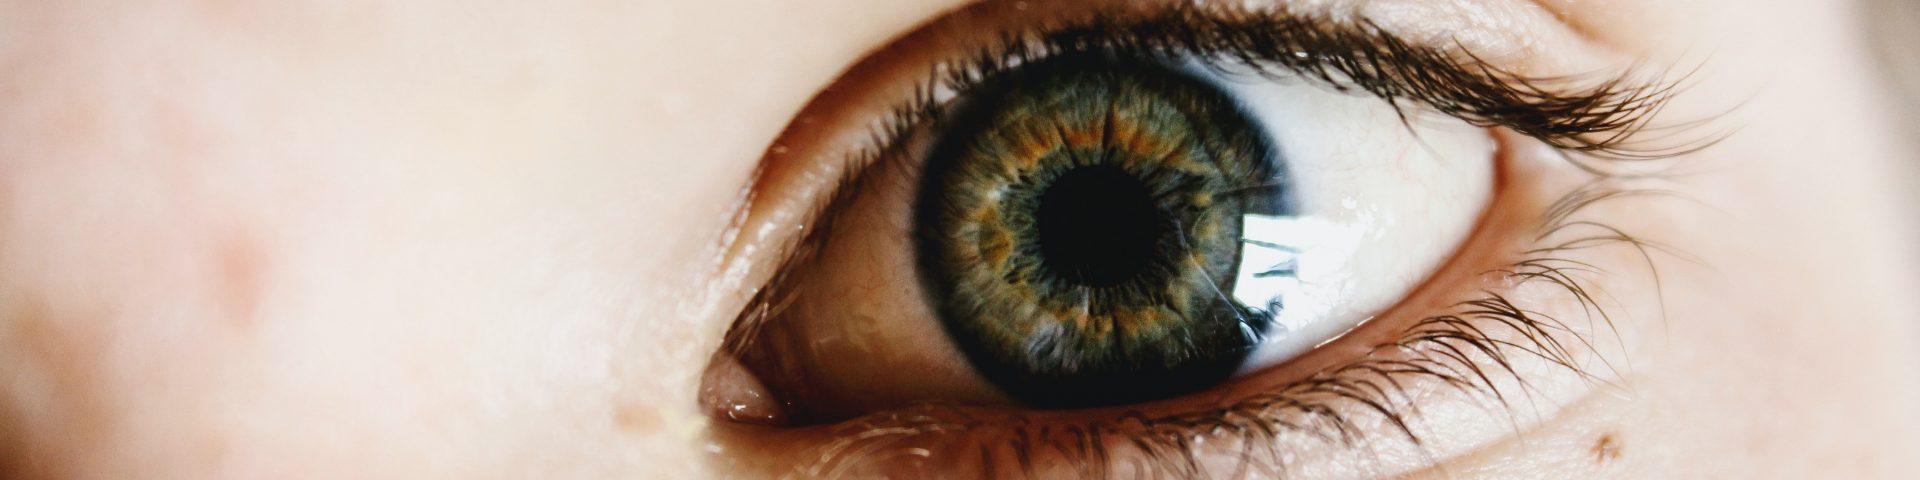 Seelenverwandte erkennen sich an den Augen: Achte auf